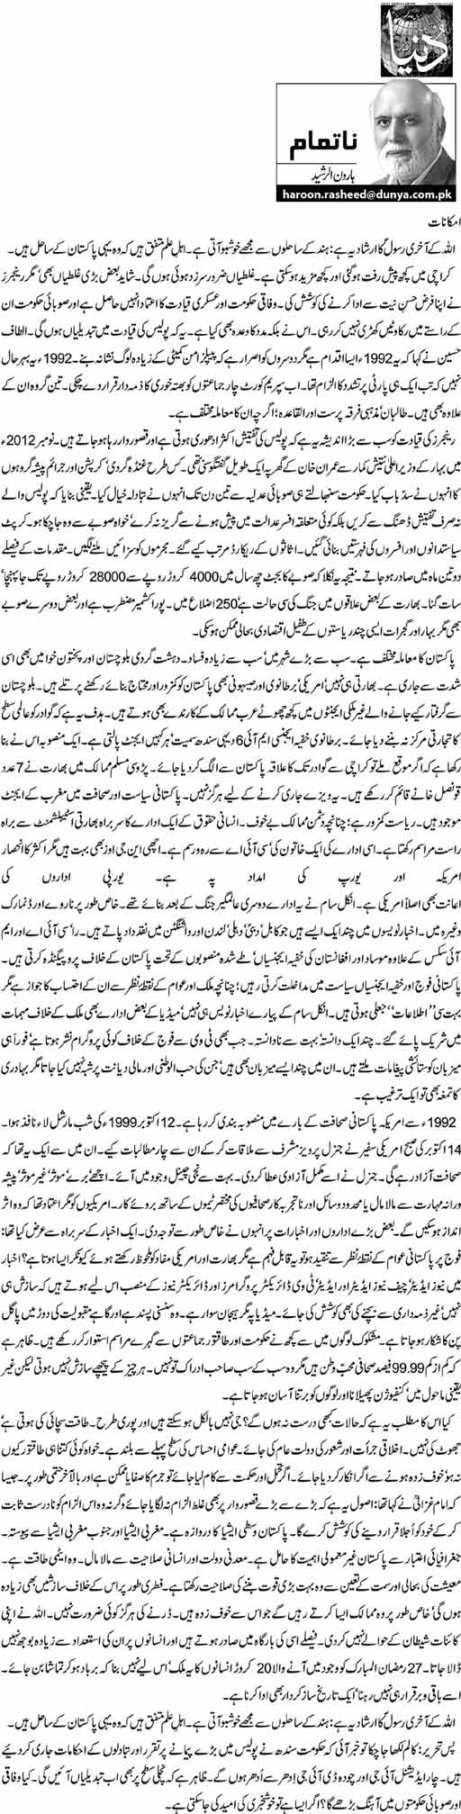 Imkanat - Haroon ur Rasheed